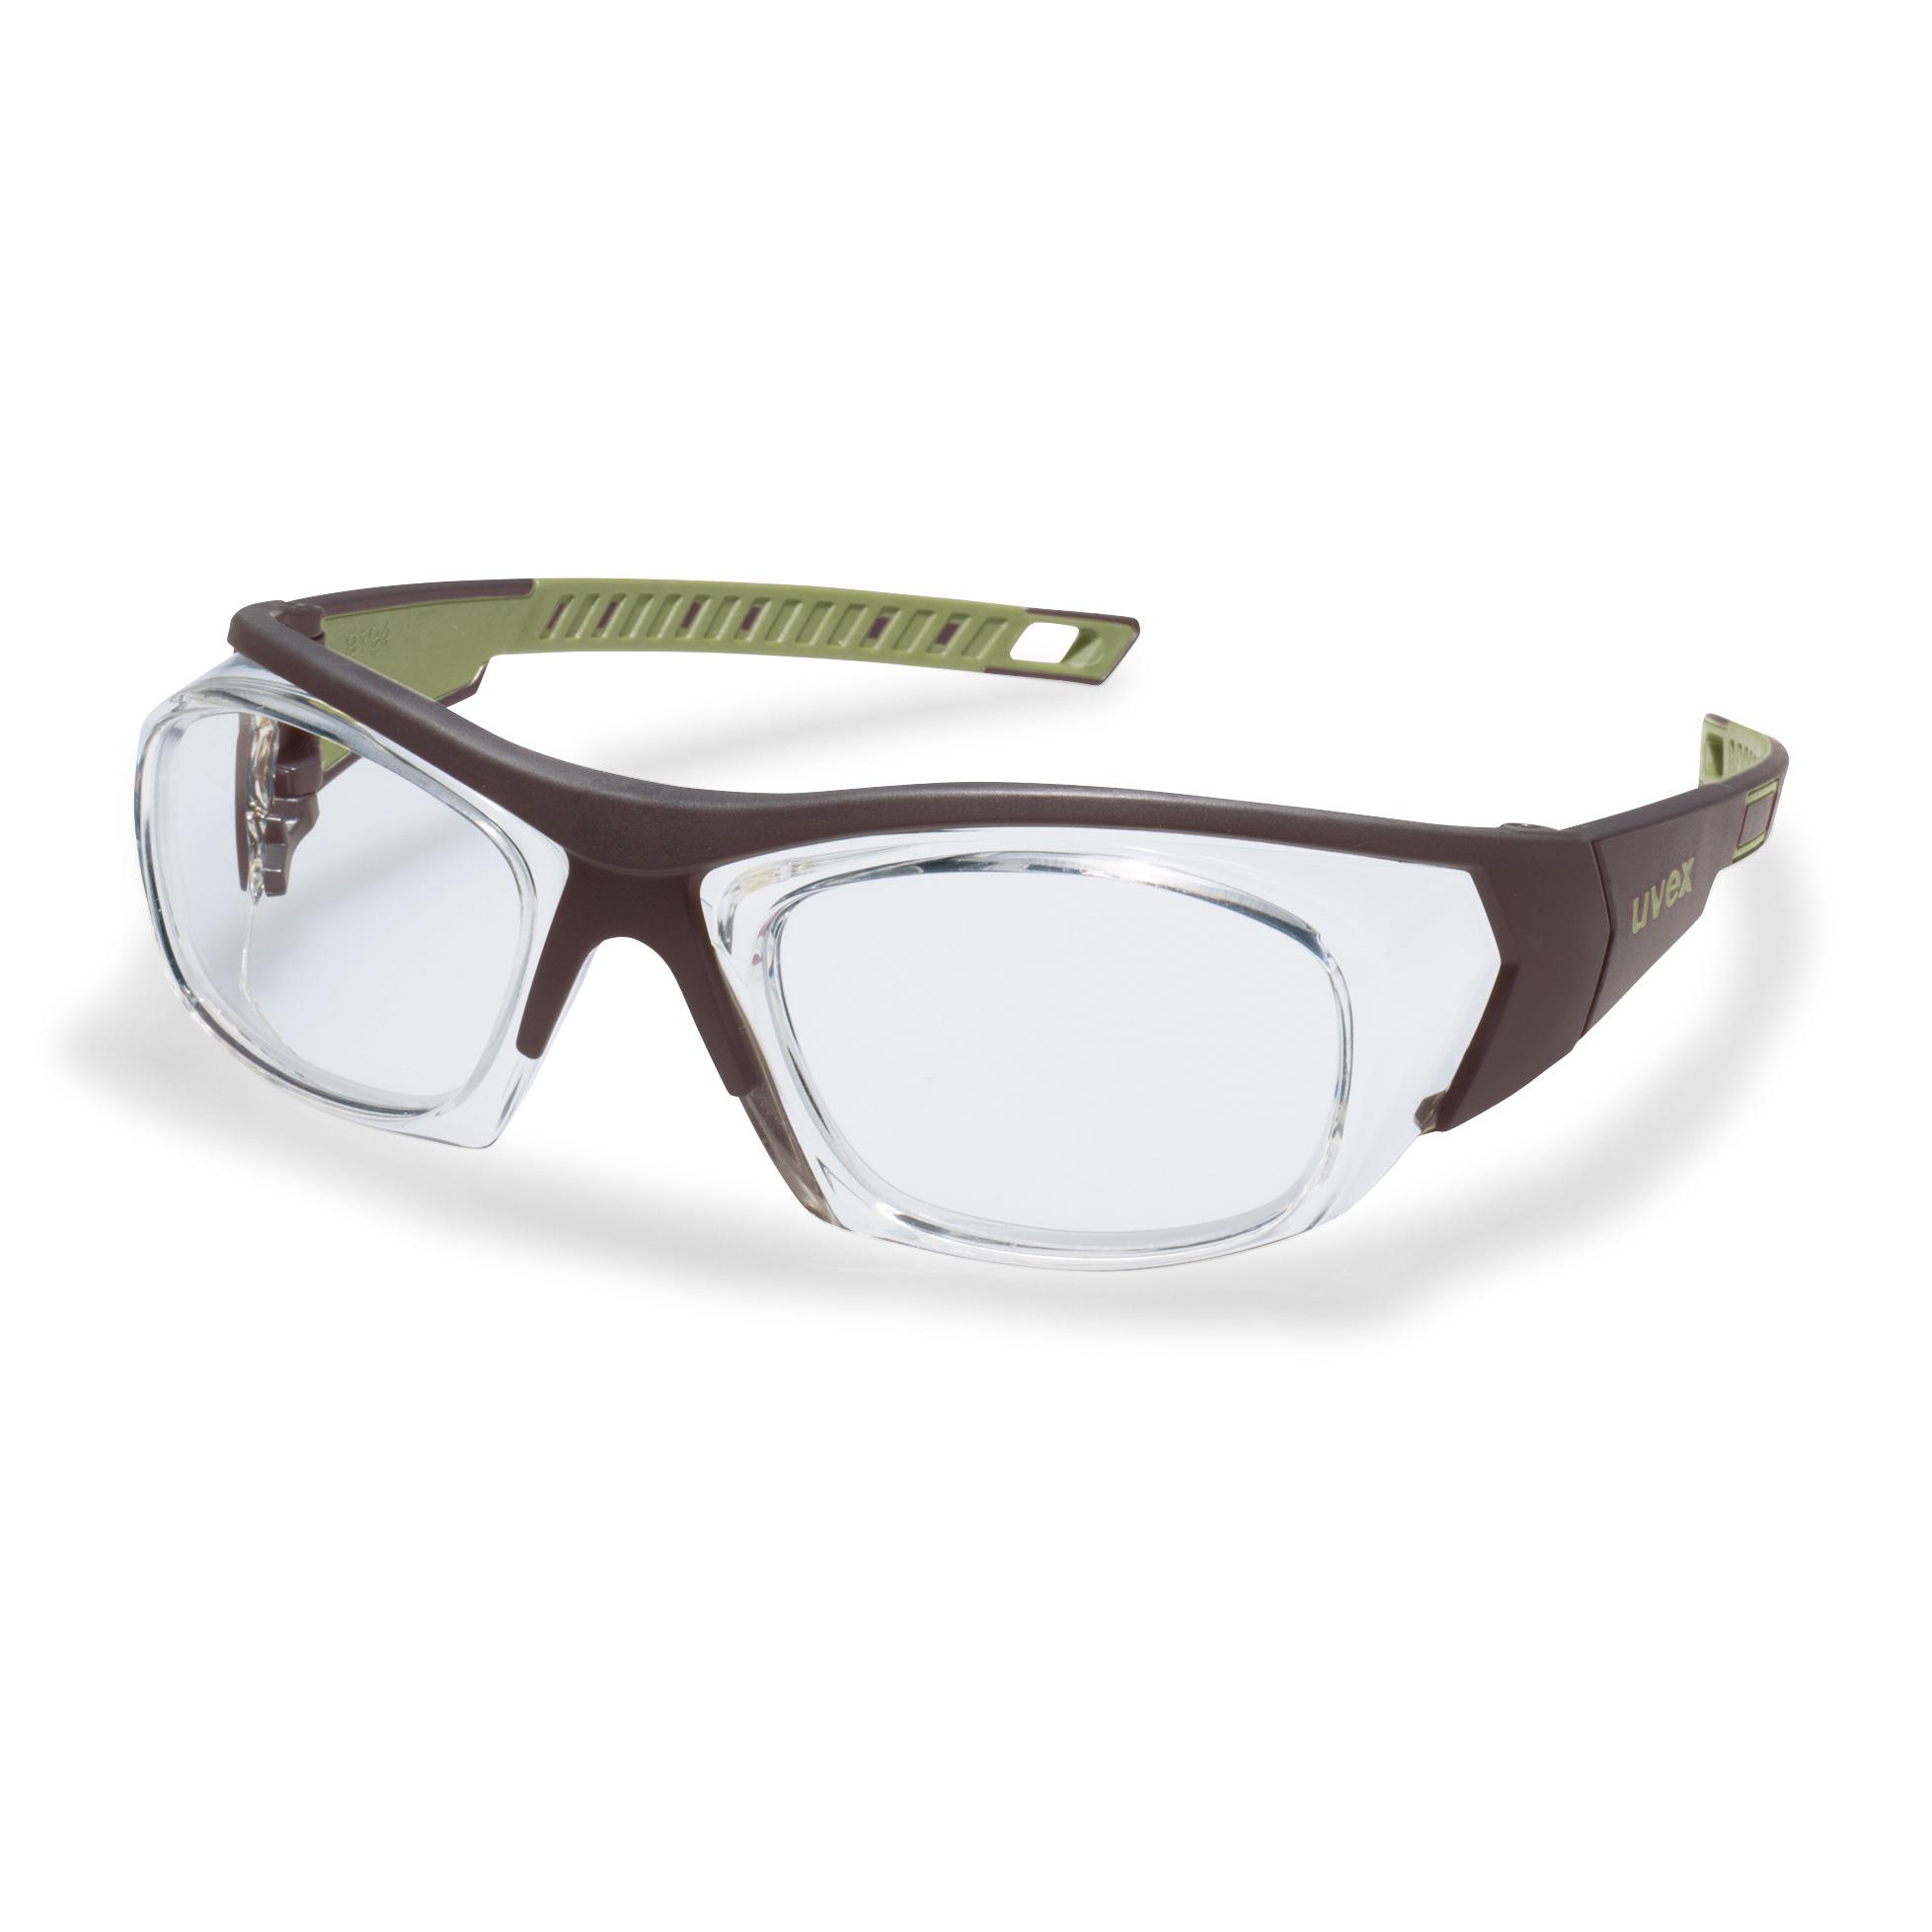 lunettes de protection adapt es la vue uvex rx cd 5518 lunettes de protection la vue. Black Bedroom Furniture Sets. Home Design Ideas